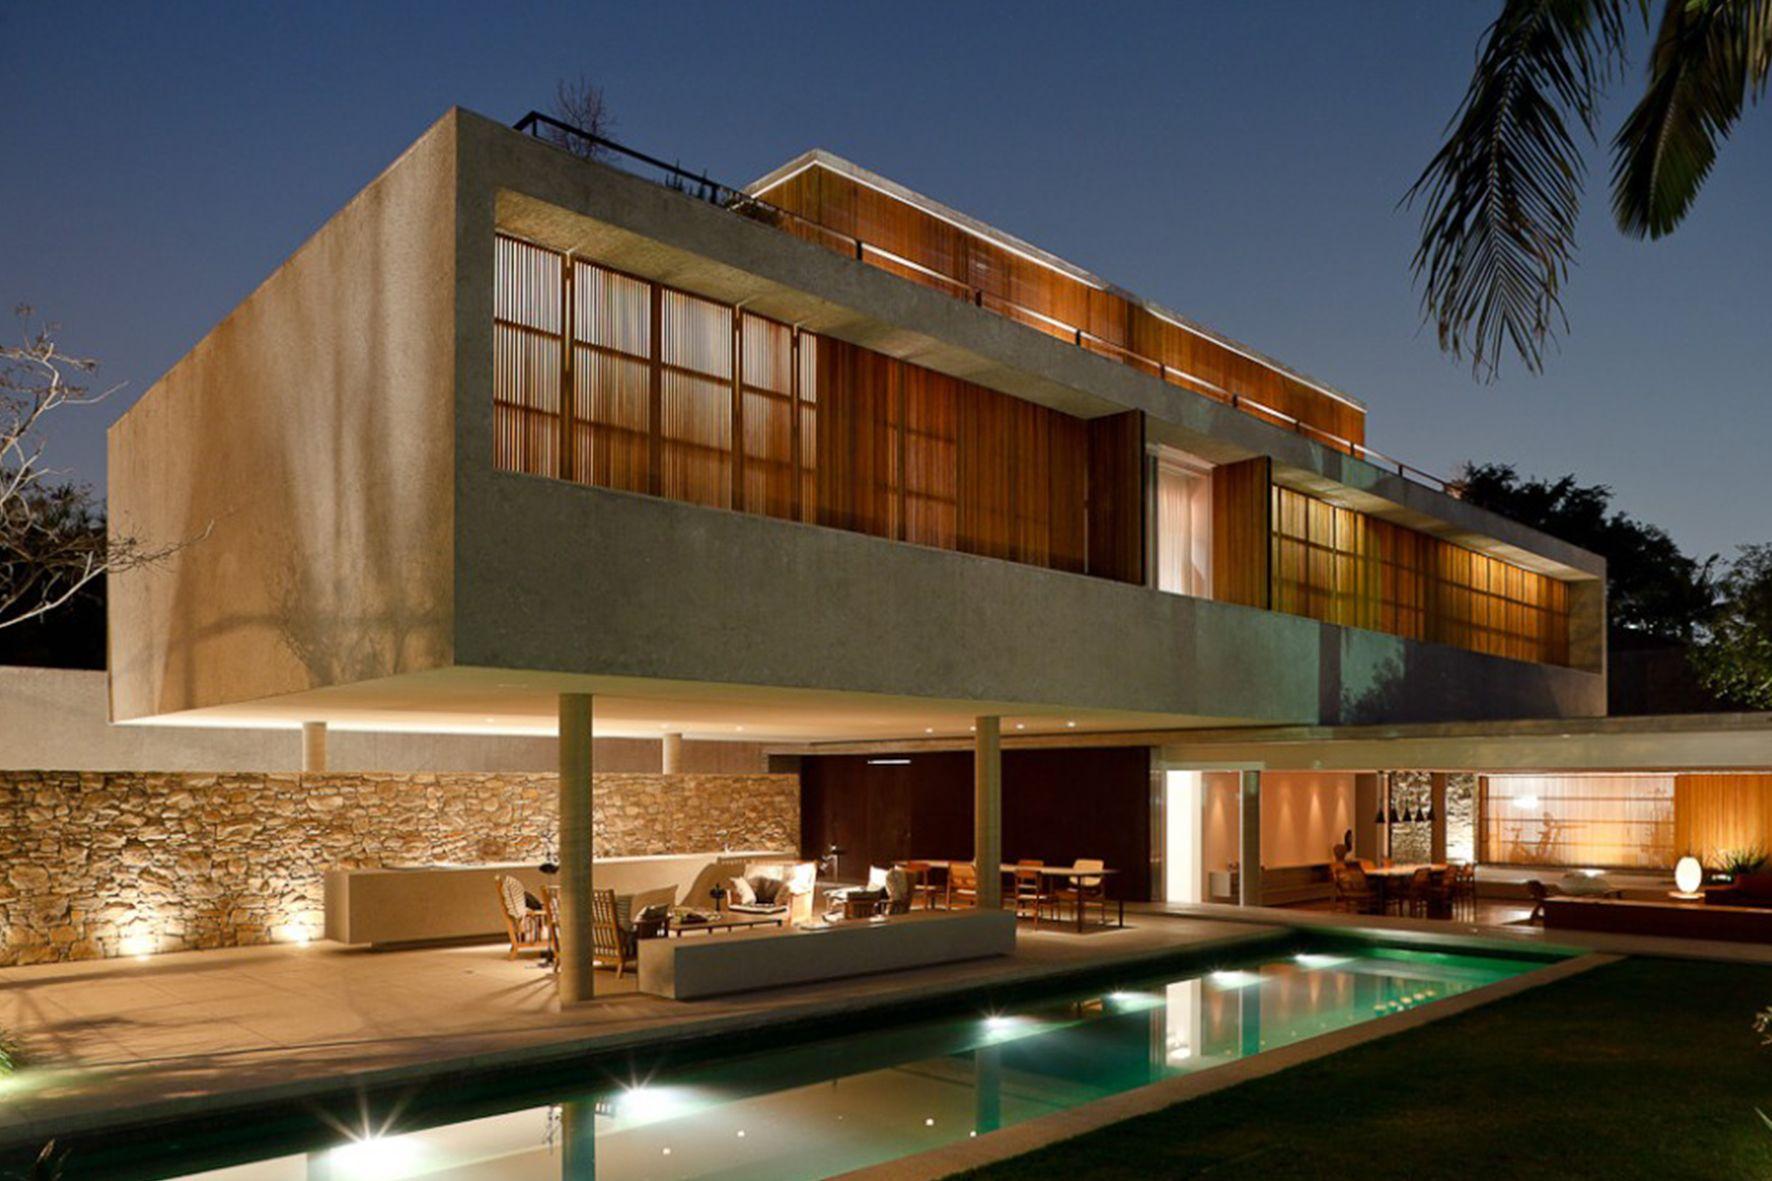 Arquitetura moderna pesquisa google architecture for Google casas modernas